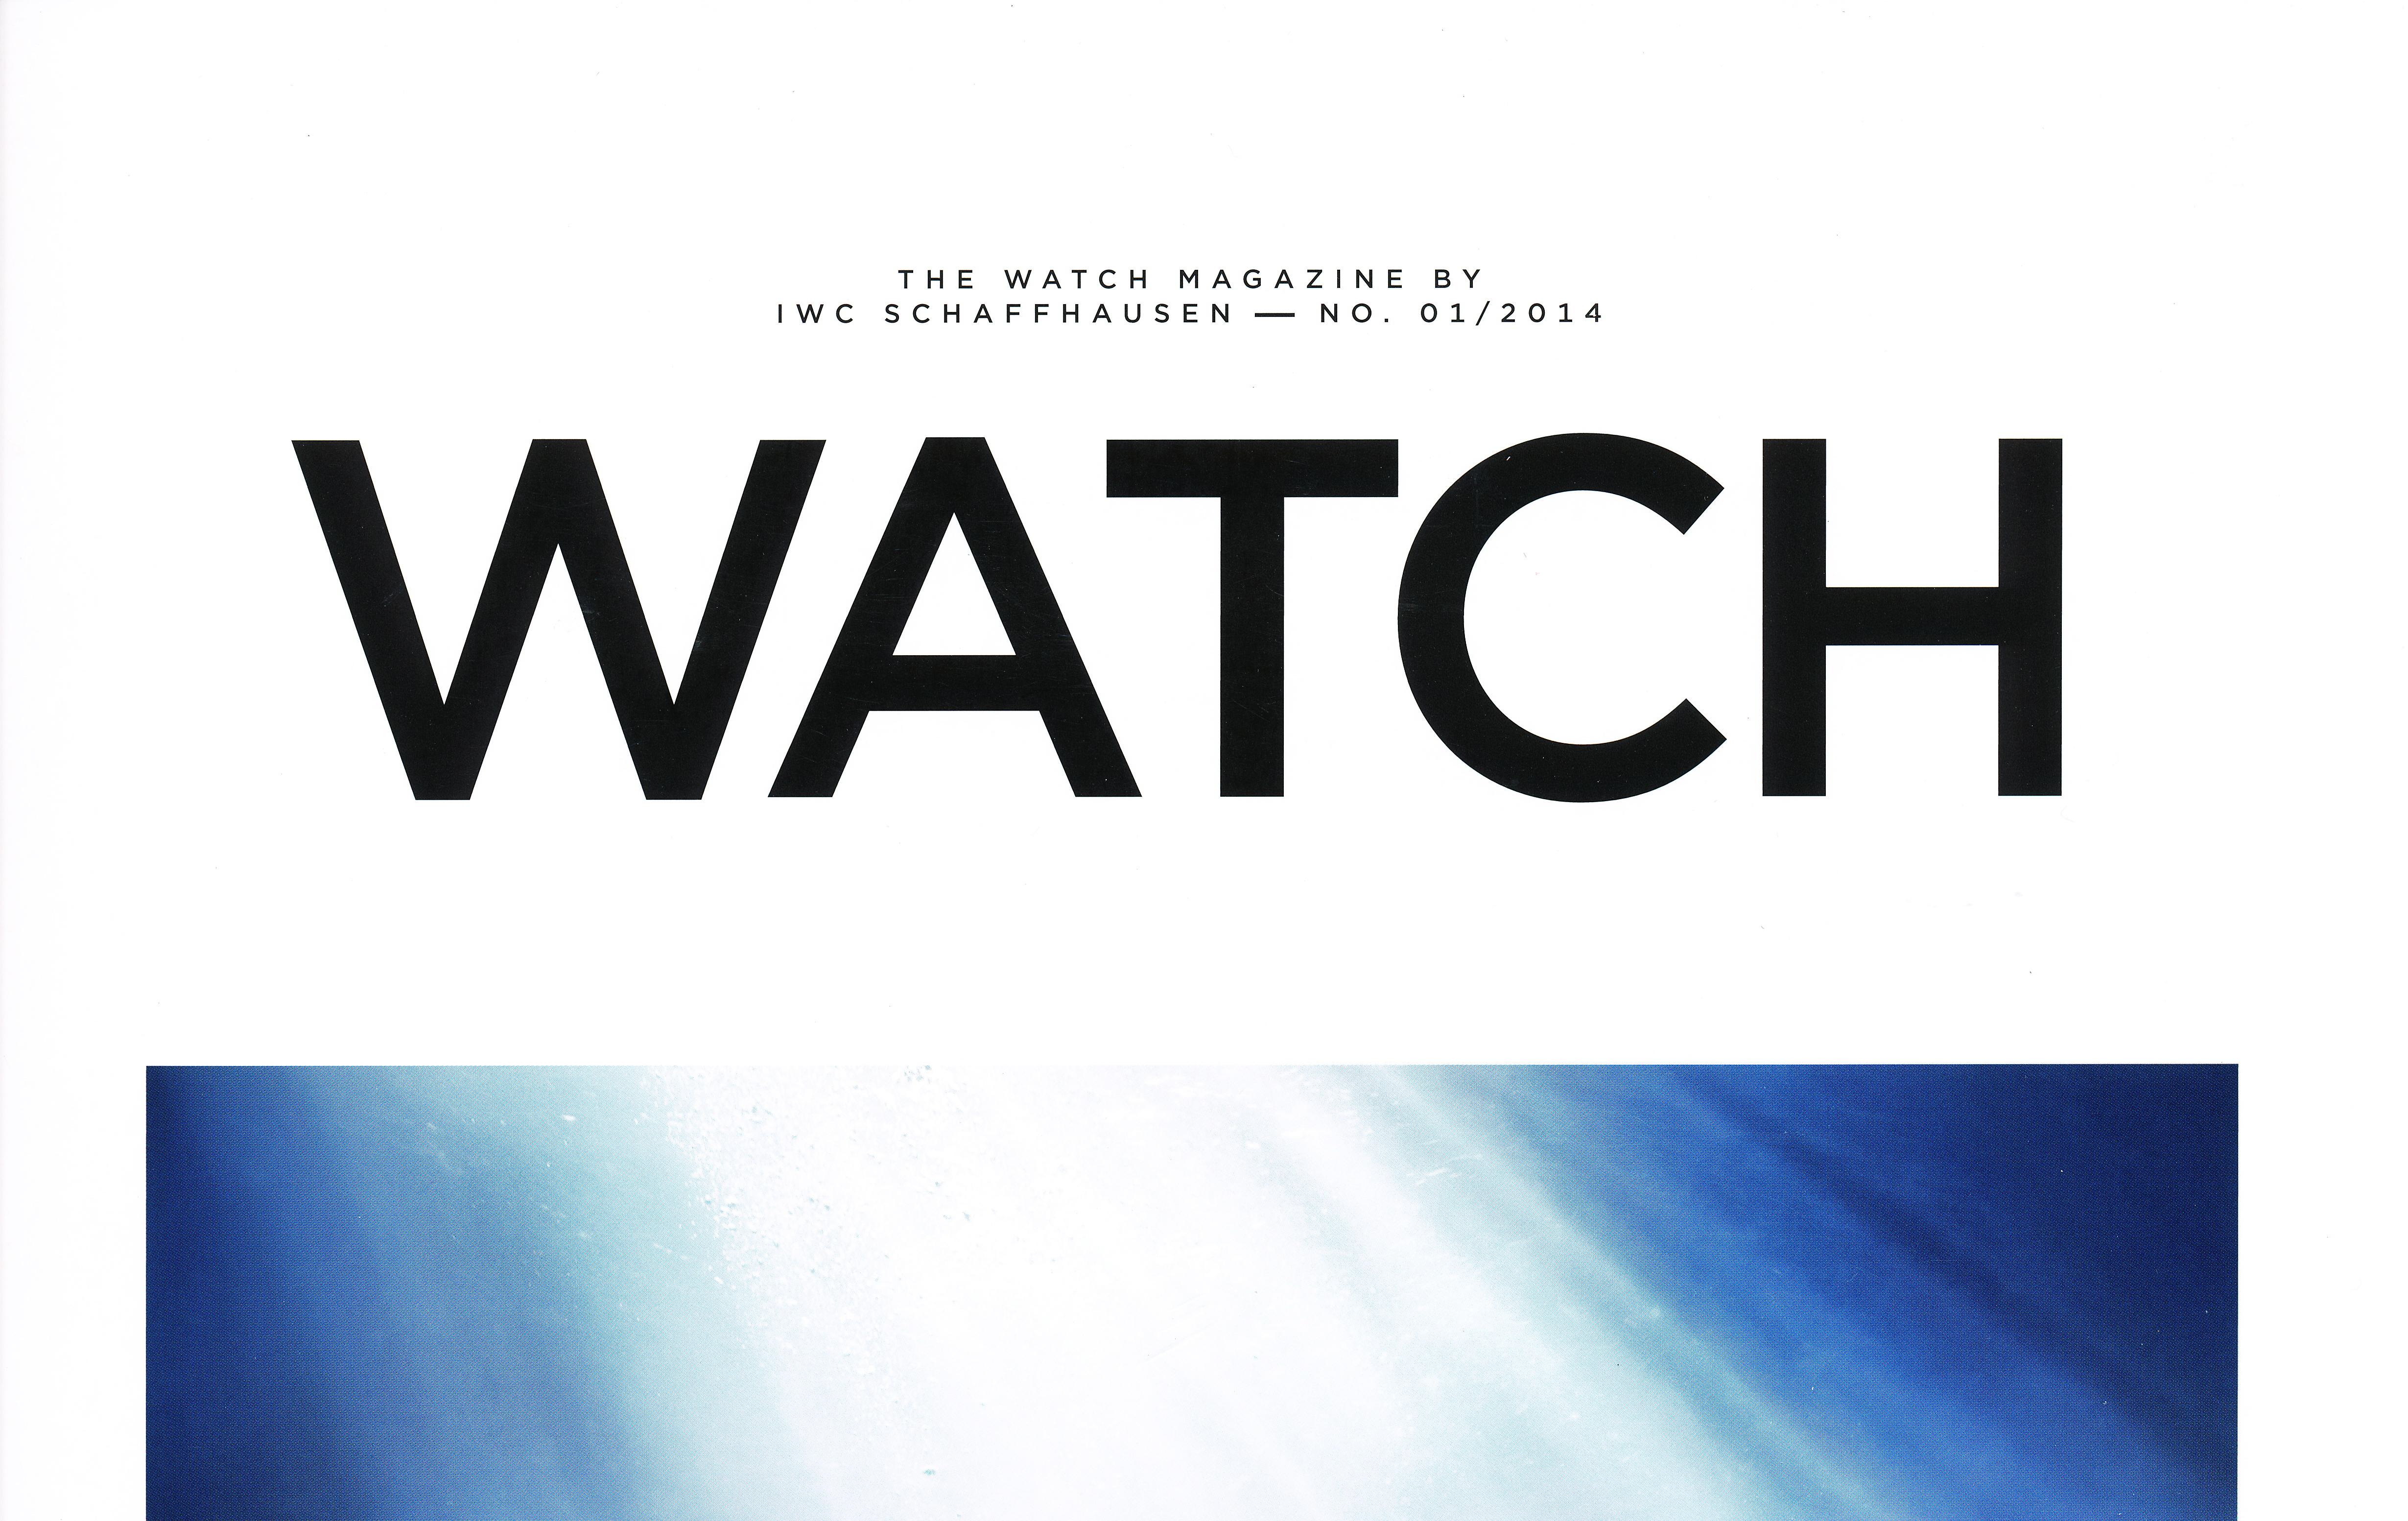 Das Magazin der IWC – die WATCH